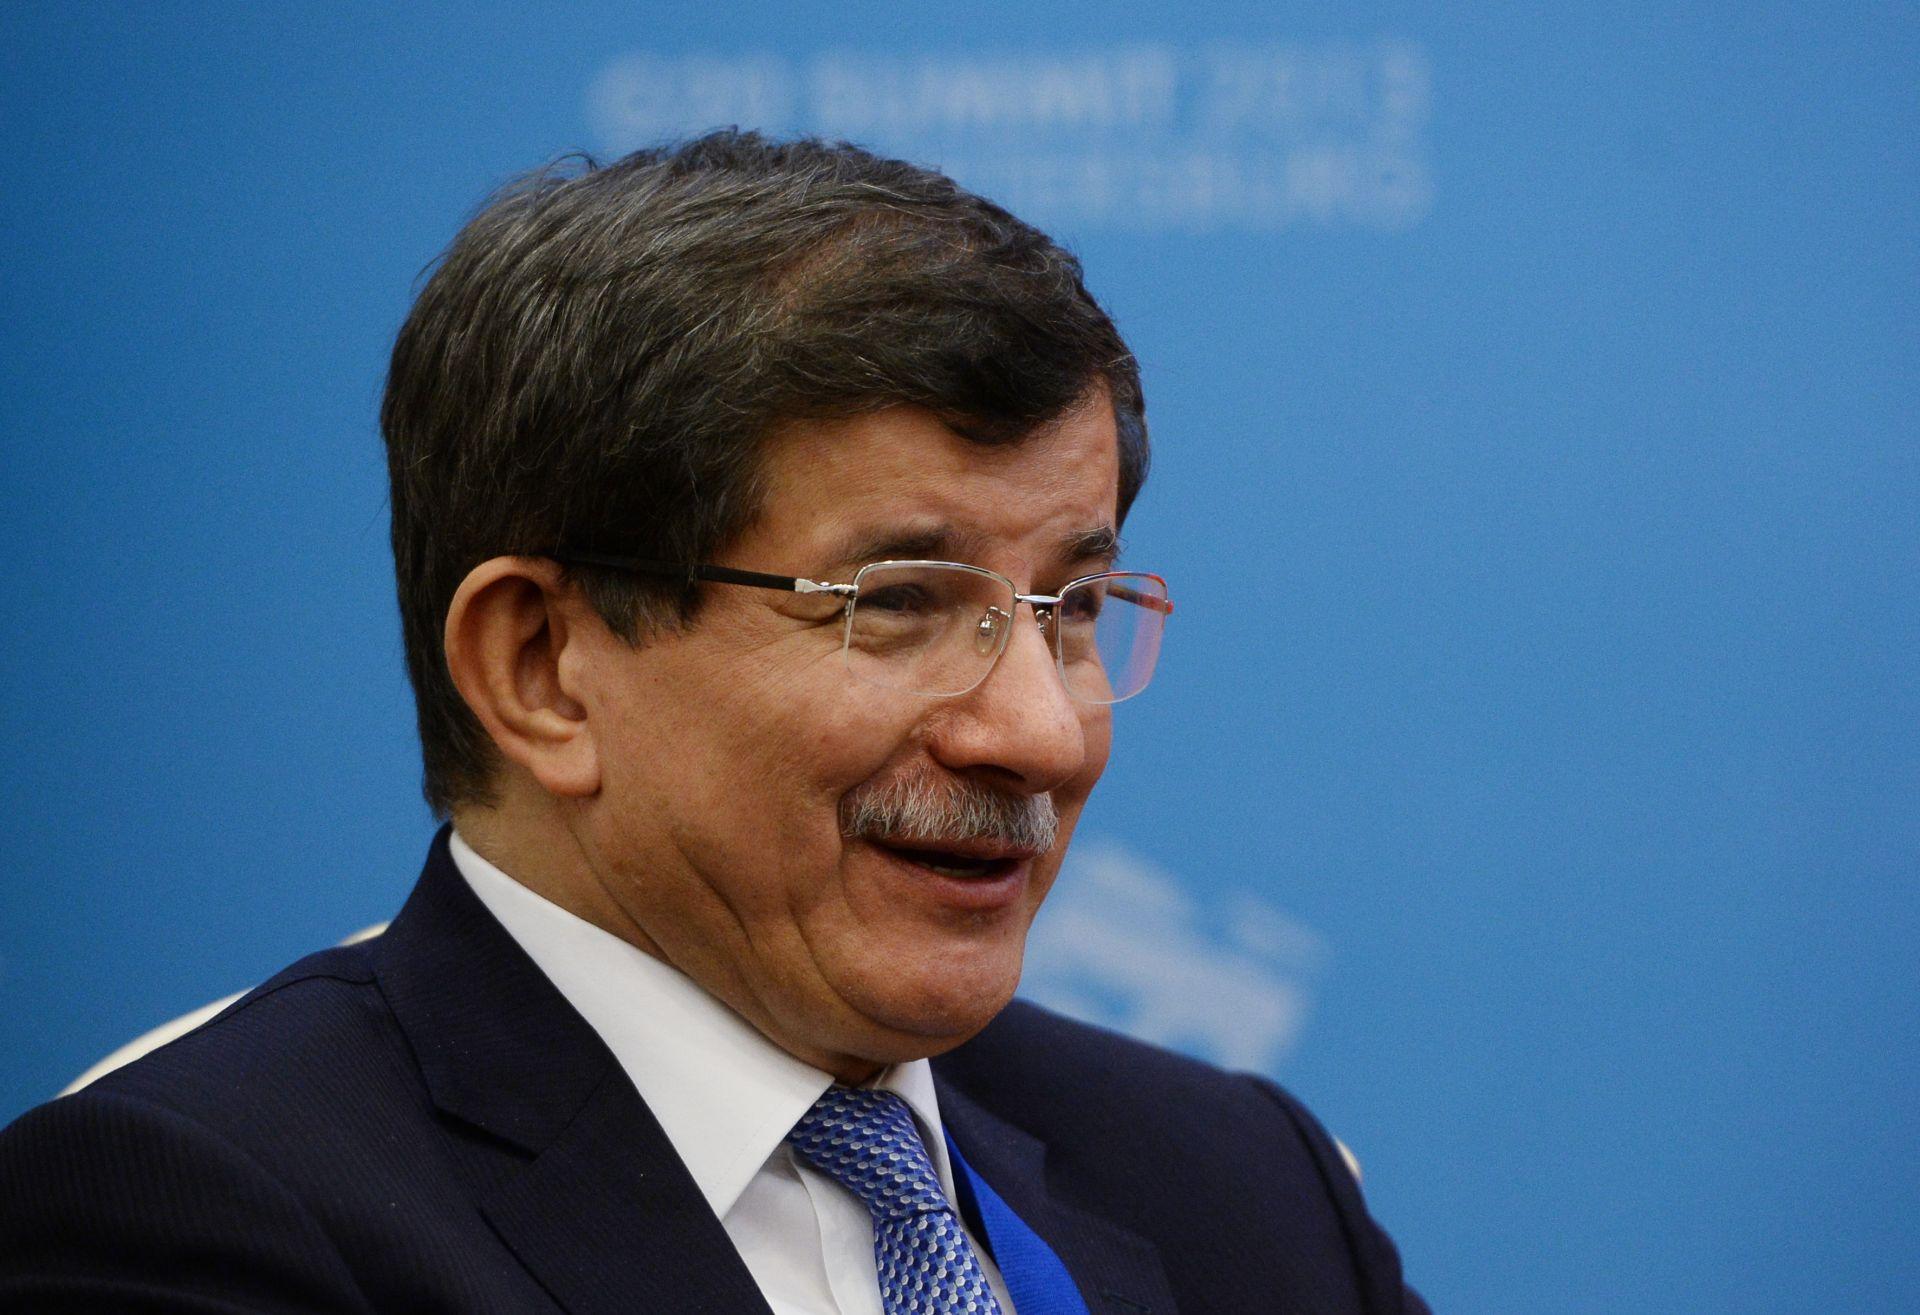 Davutoglu vratio mandat, Turskoj prijeti politička nestabilnost